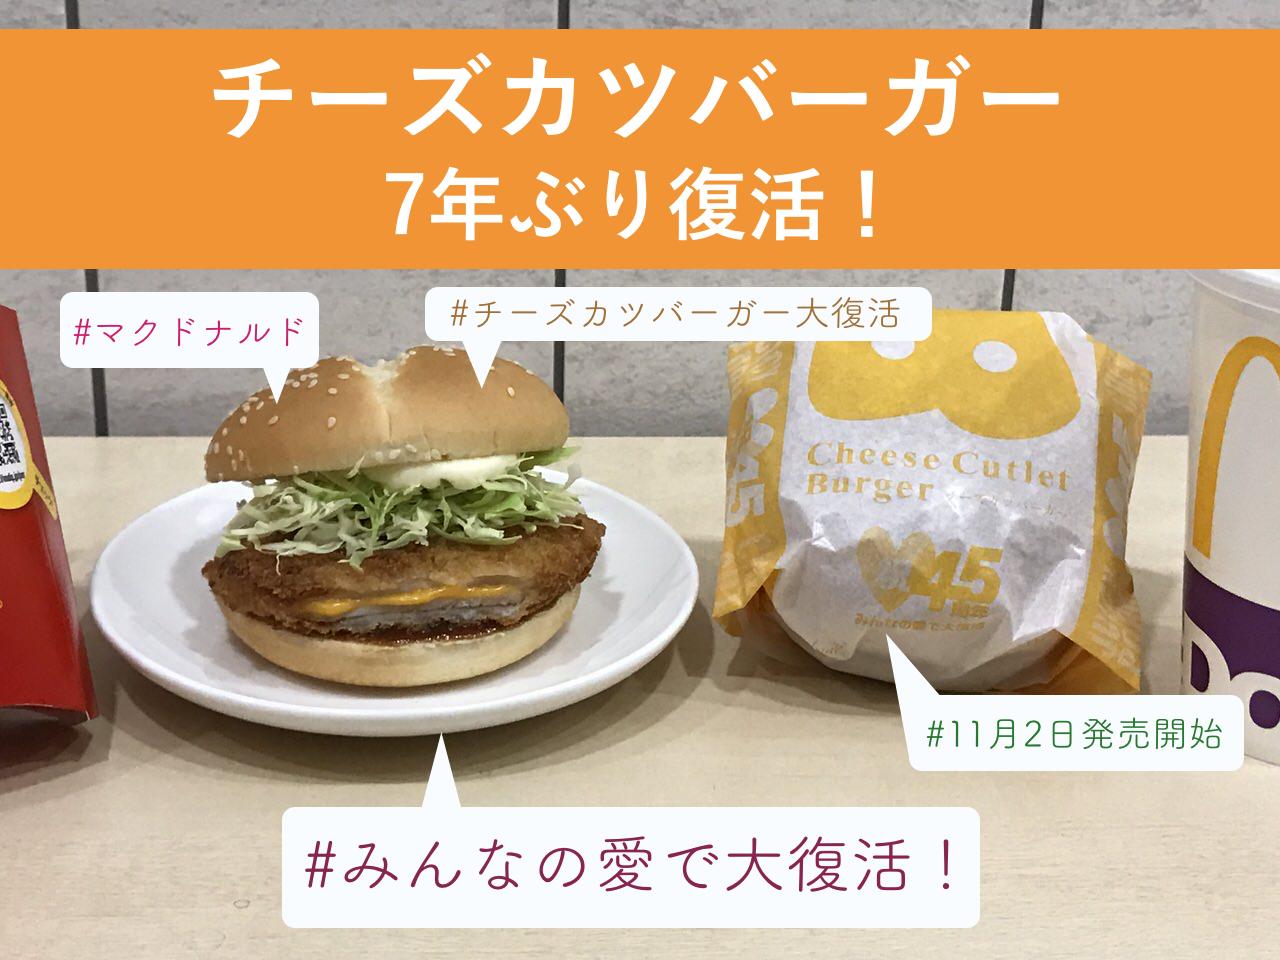 サクッとろっ「チーズカツバーガー」シャキシャキのキャベツにレモンソースが美味い!みんなの愛で大復活第3弾!【PR】